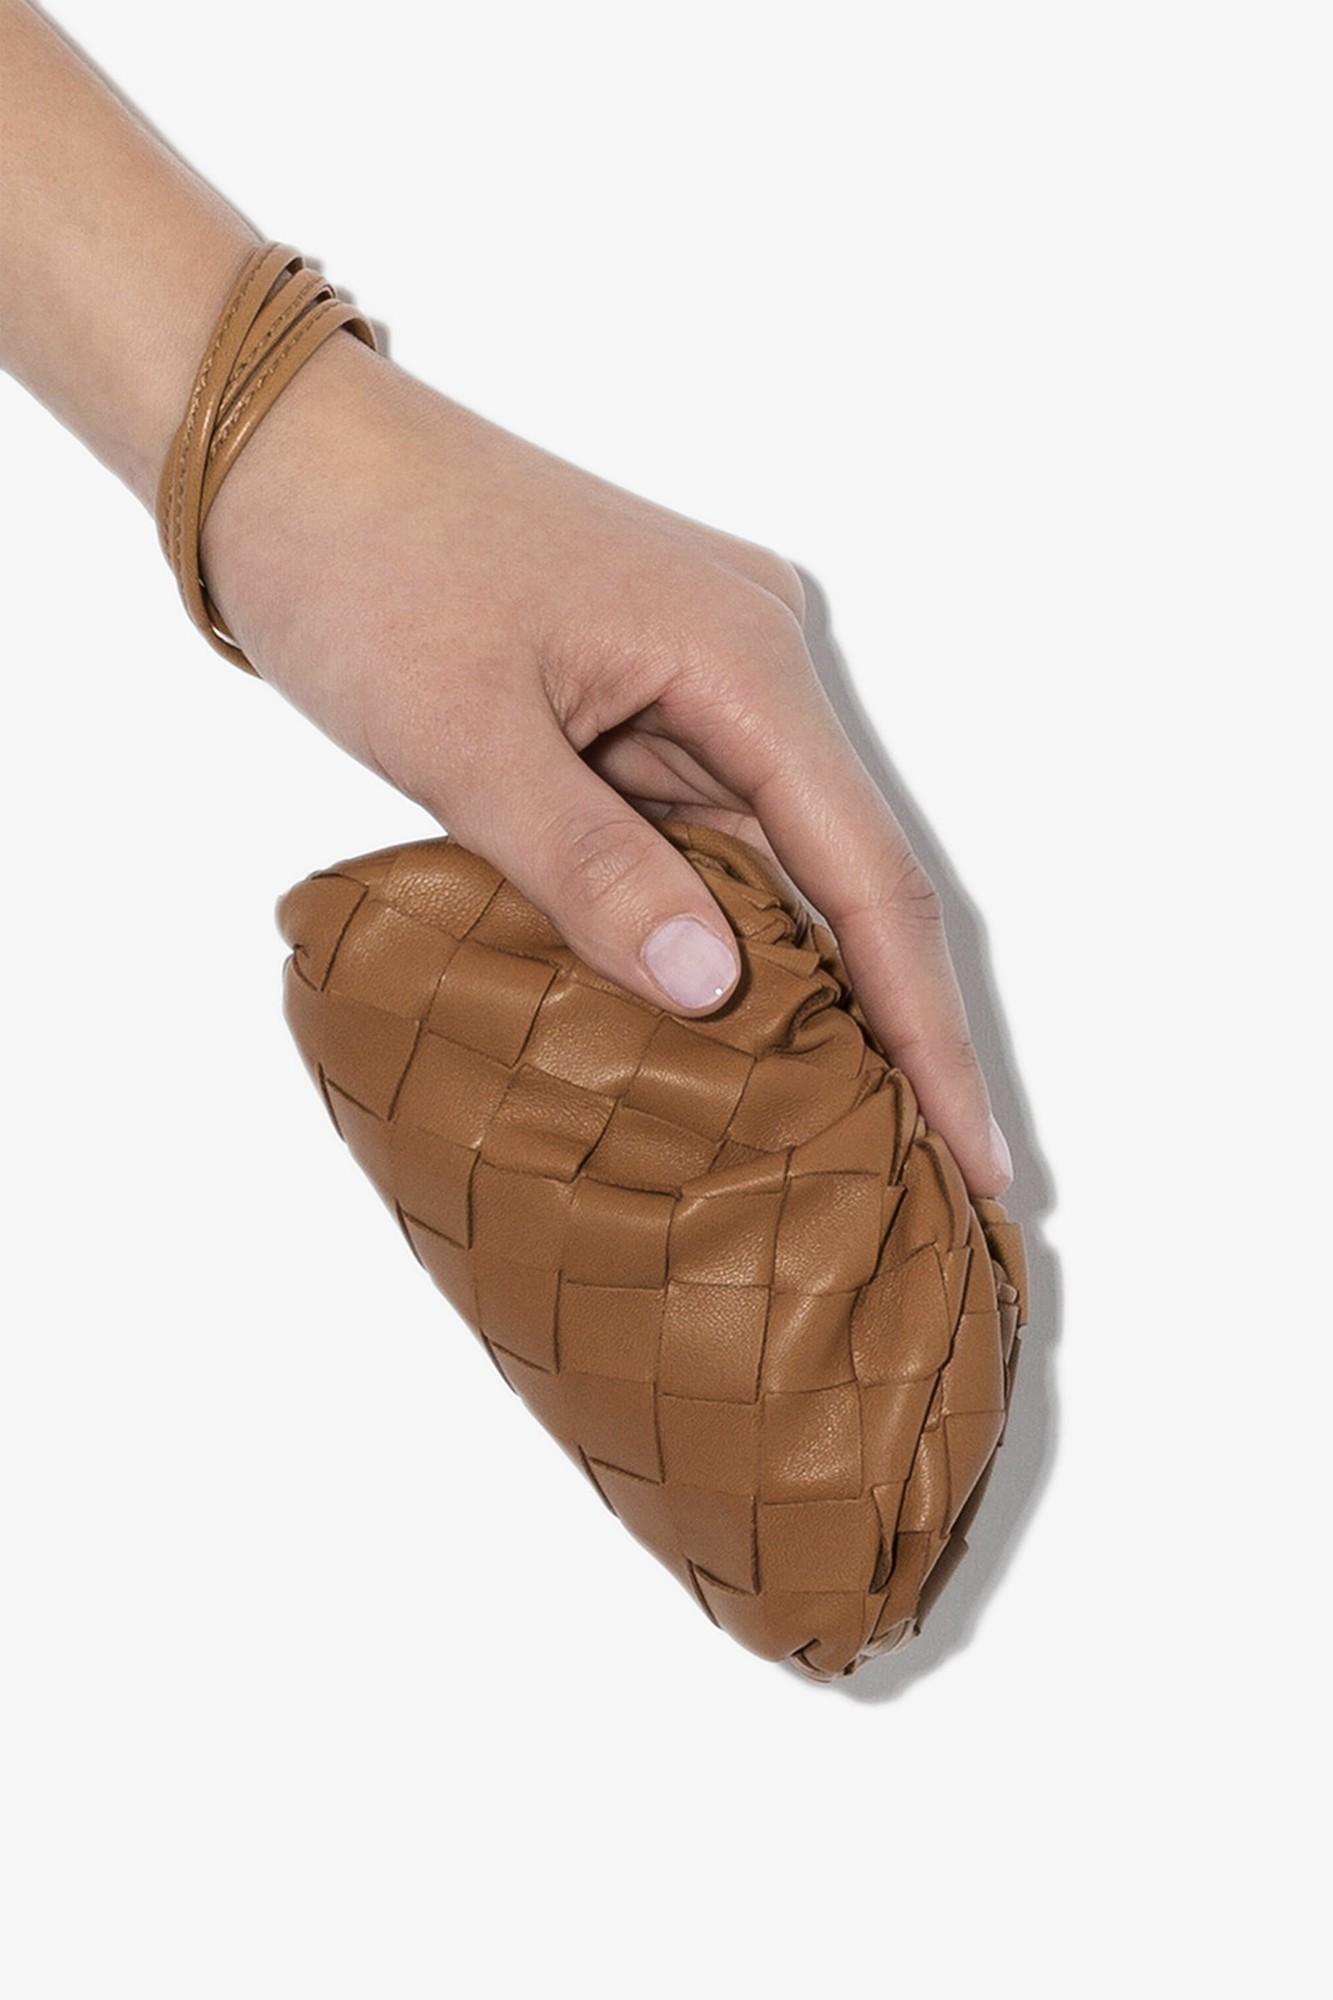 bottega veneta pouch mini bag dumpling tiny accessory